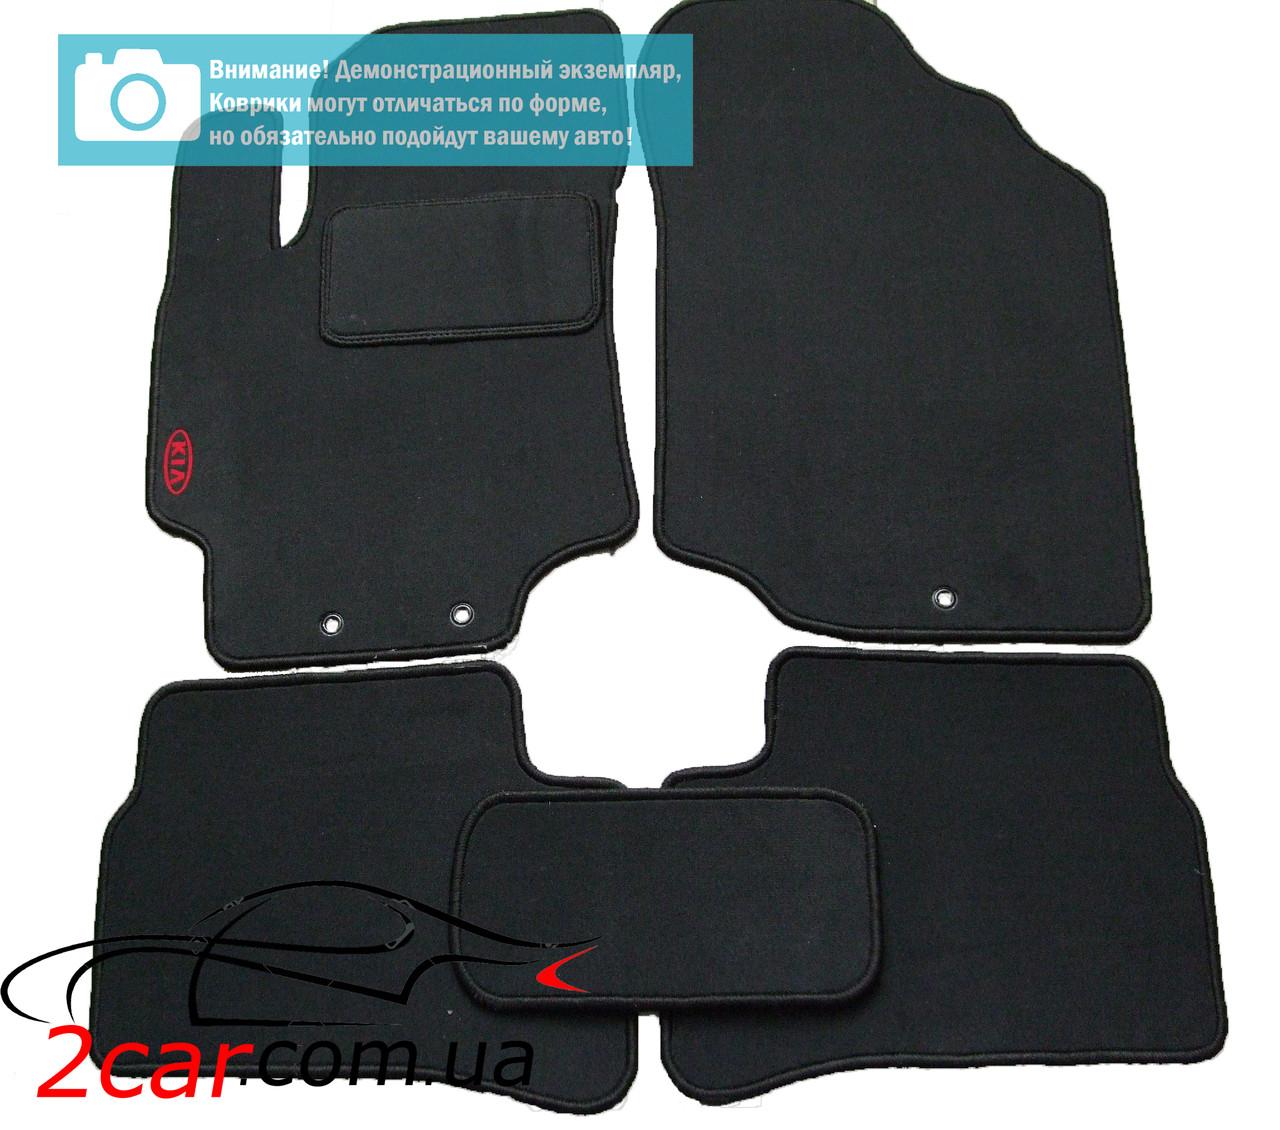 Текстильные коврики в салон для Volkswagen Jetta (2005-2011) (чёрный) (StingrayUA)